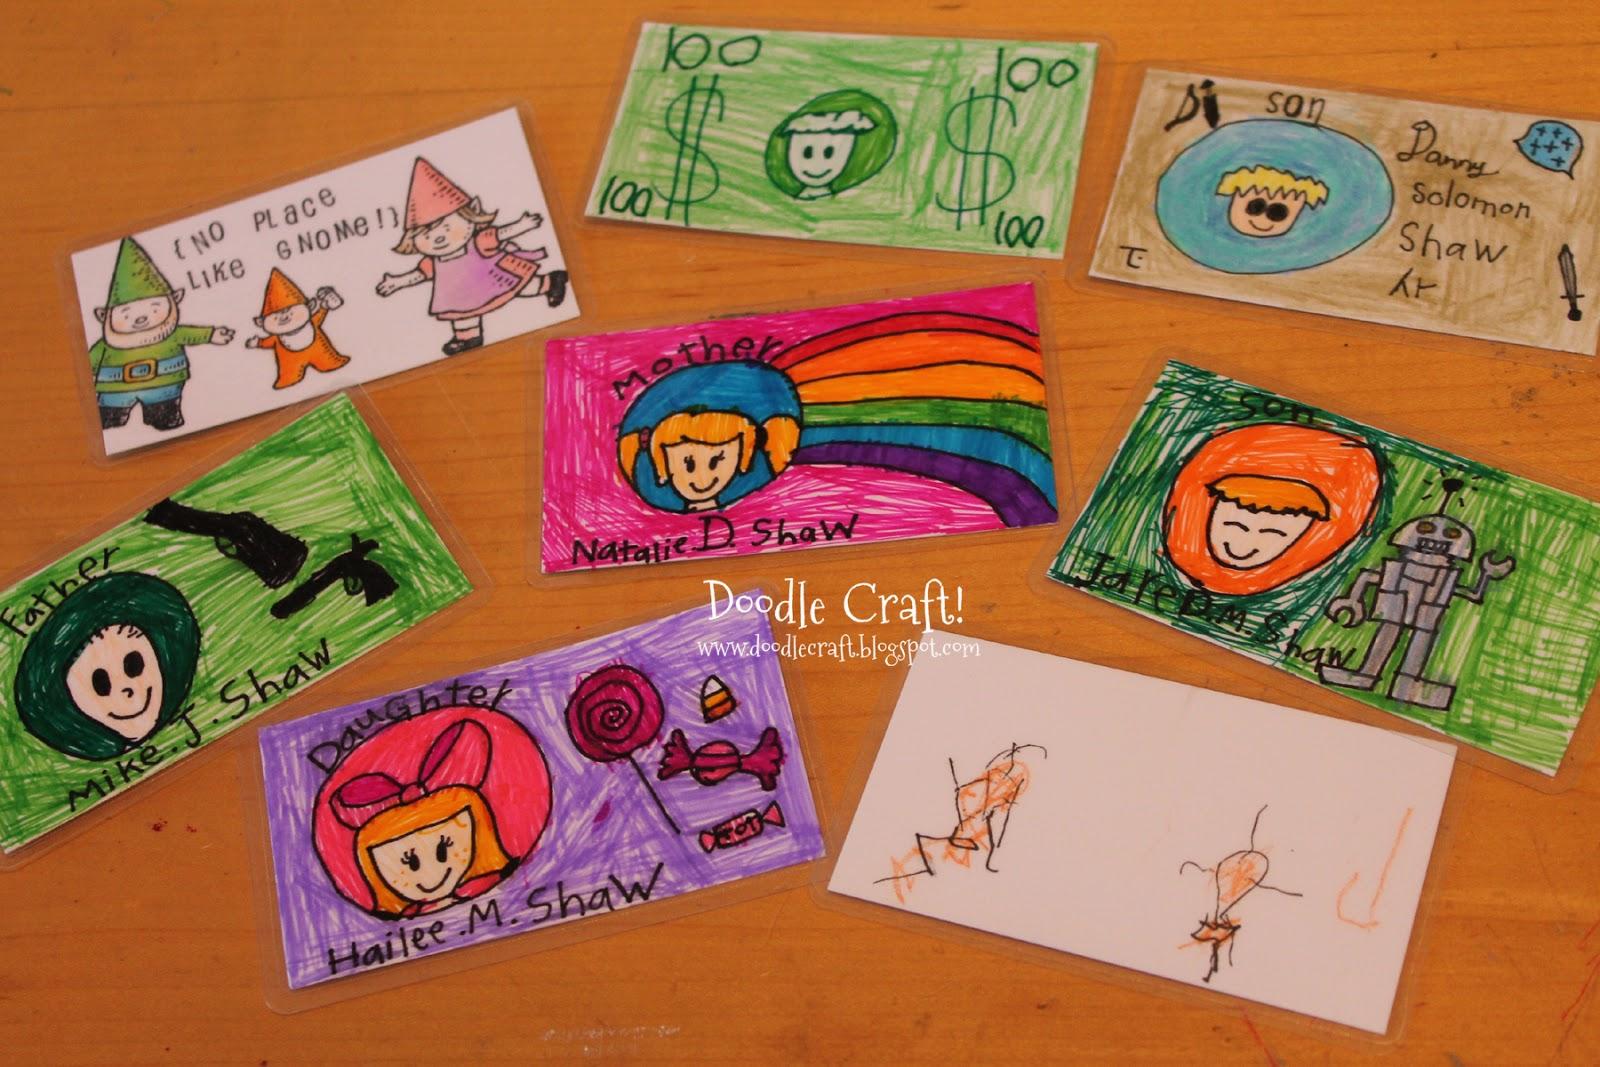 http://3.bp.blogspot.com/-rd0cEW7f-Vc/UQ-naZ4yhTI/AAAAAAAAUw8/v_LyX6opxcs/s1600/lots+of+id+cards+fake+ids+laminator+machine.jpg